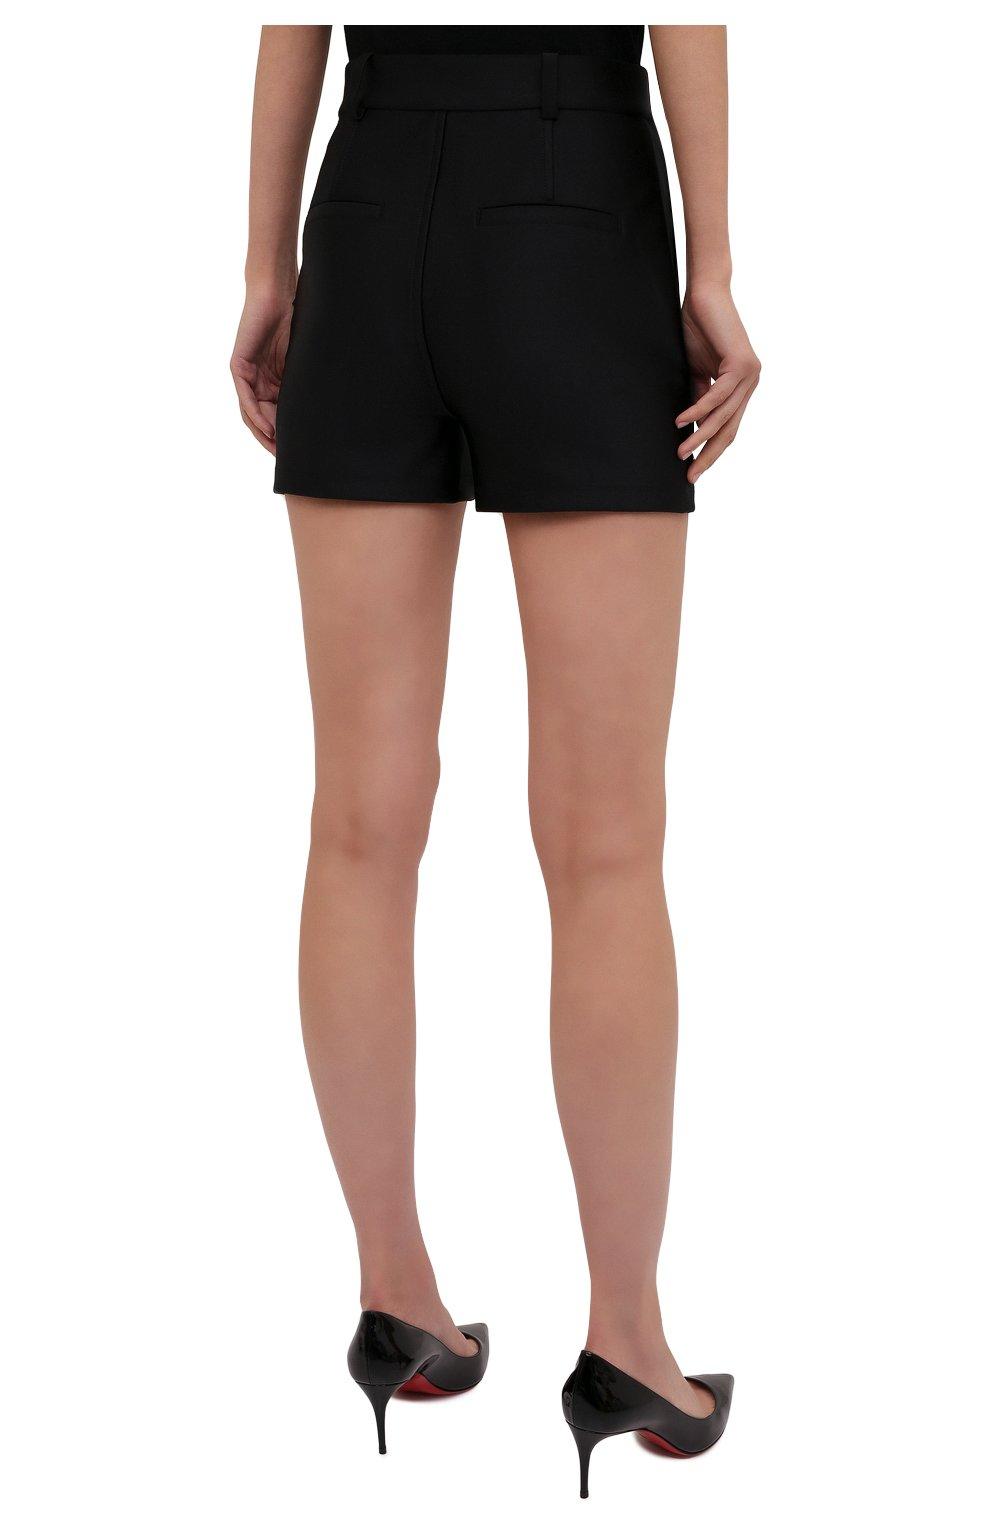 Женские шорты ALEXANDER WANG черного цвета, арт. 1CC3214379 | Фото 4 (Женское Кросс-КТ: Шорты-одежда; Длина Ж (юбки, платья, шорты): Мини; Материал внешний: Синтетический материал; Стили: Кэжуэл)